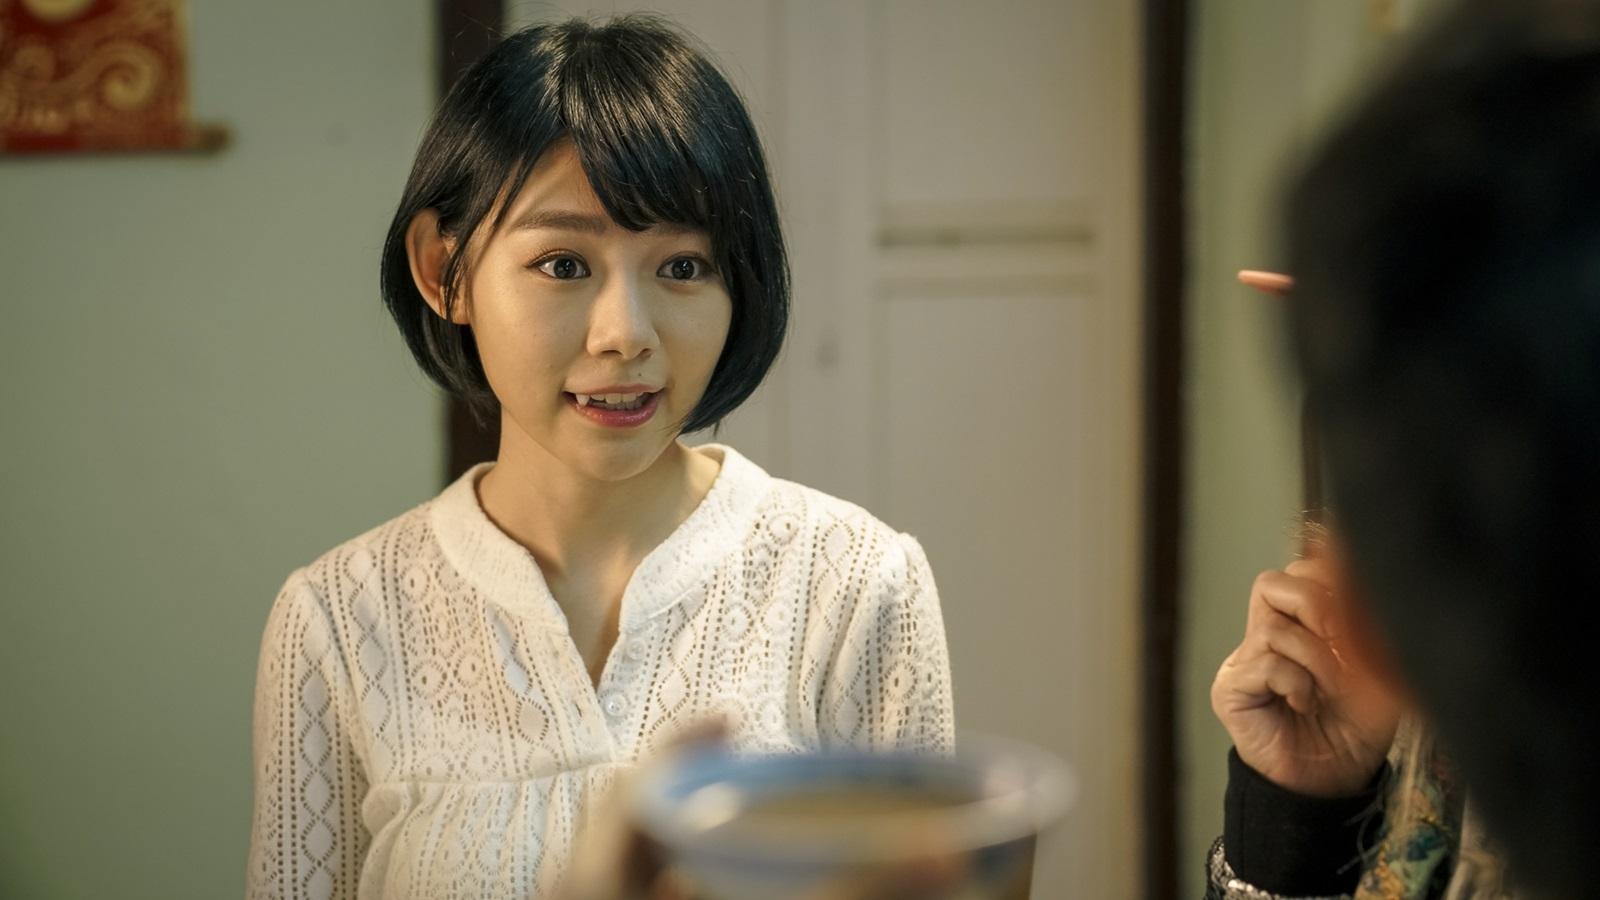 林明禎首度躍上大銀幕 在《救殭清道夫》裡演可愛女殭屍